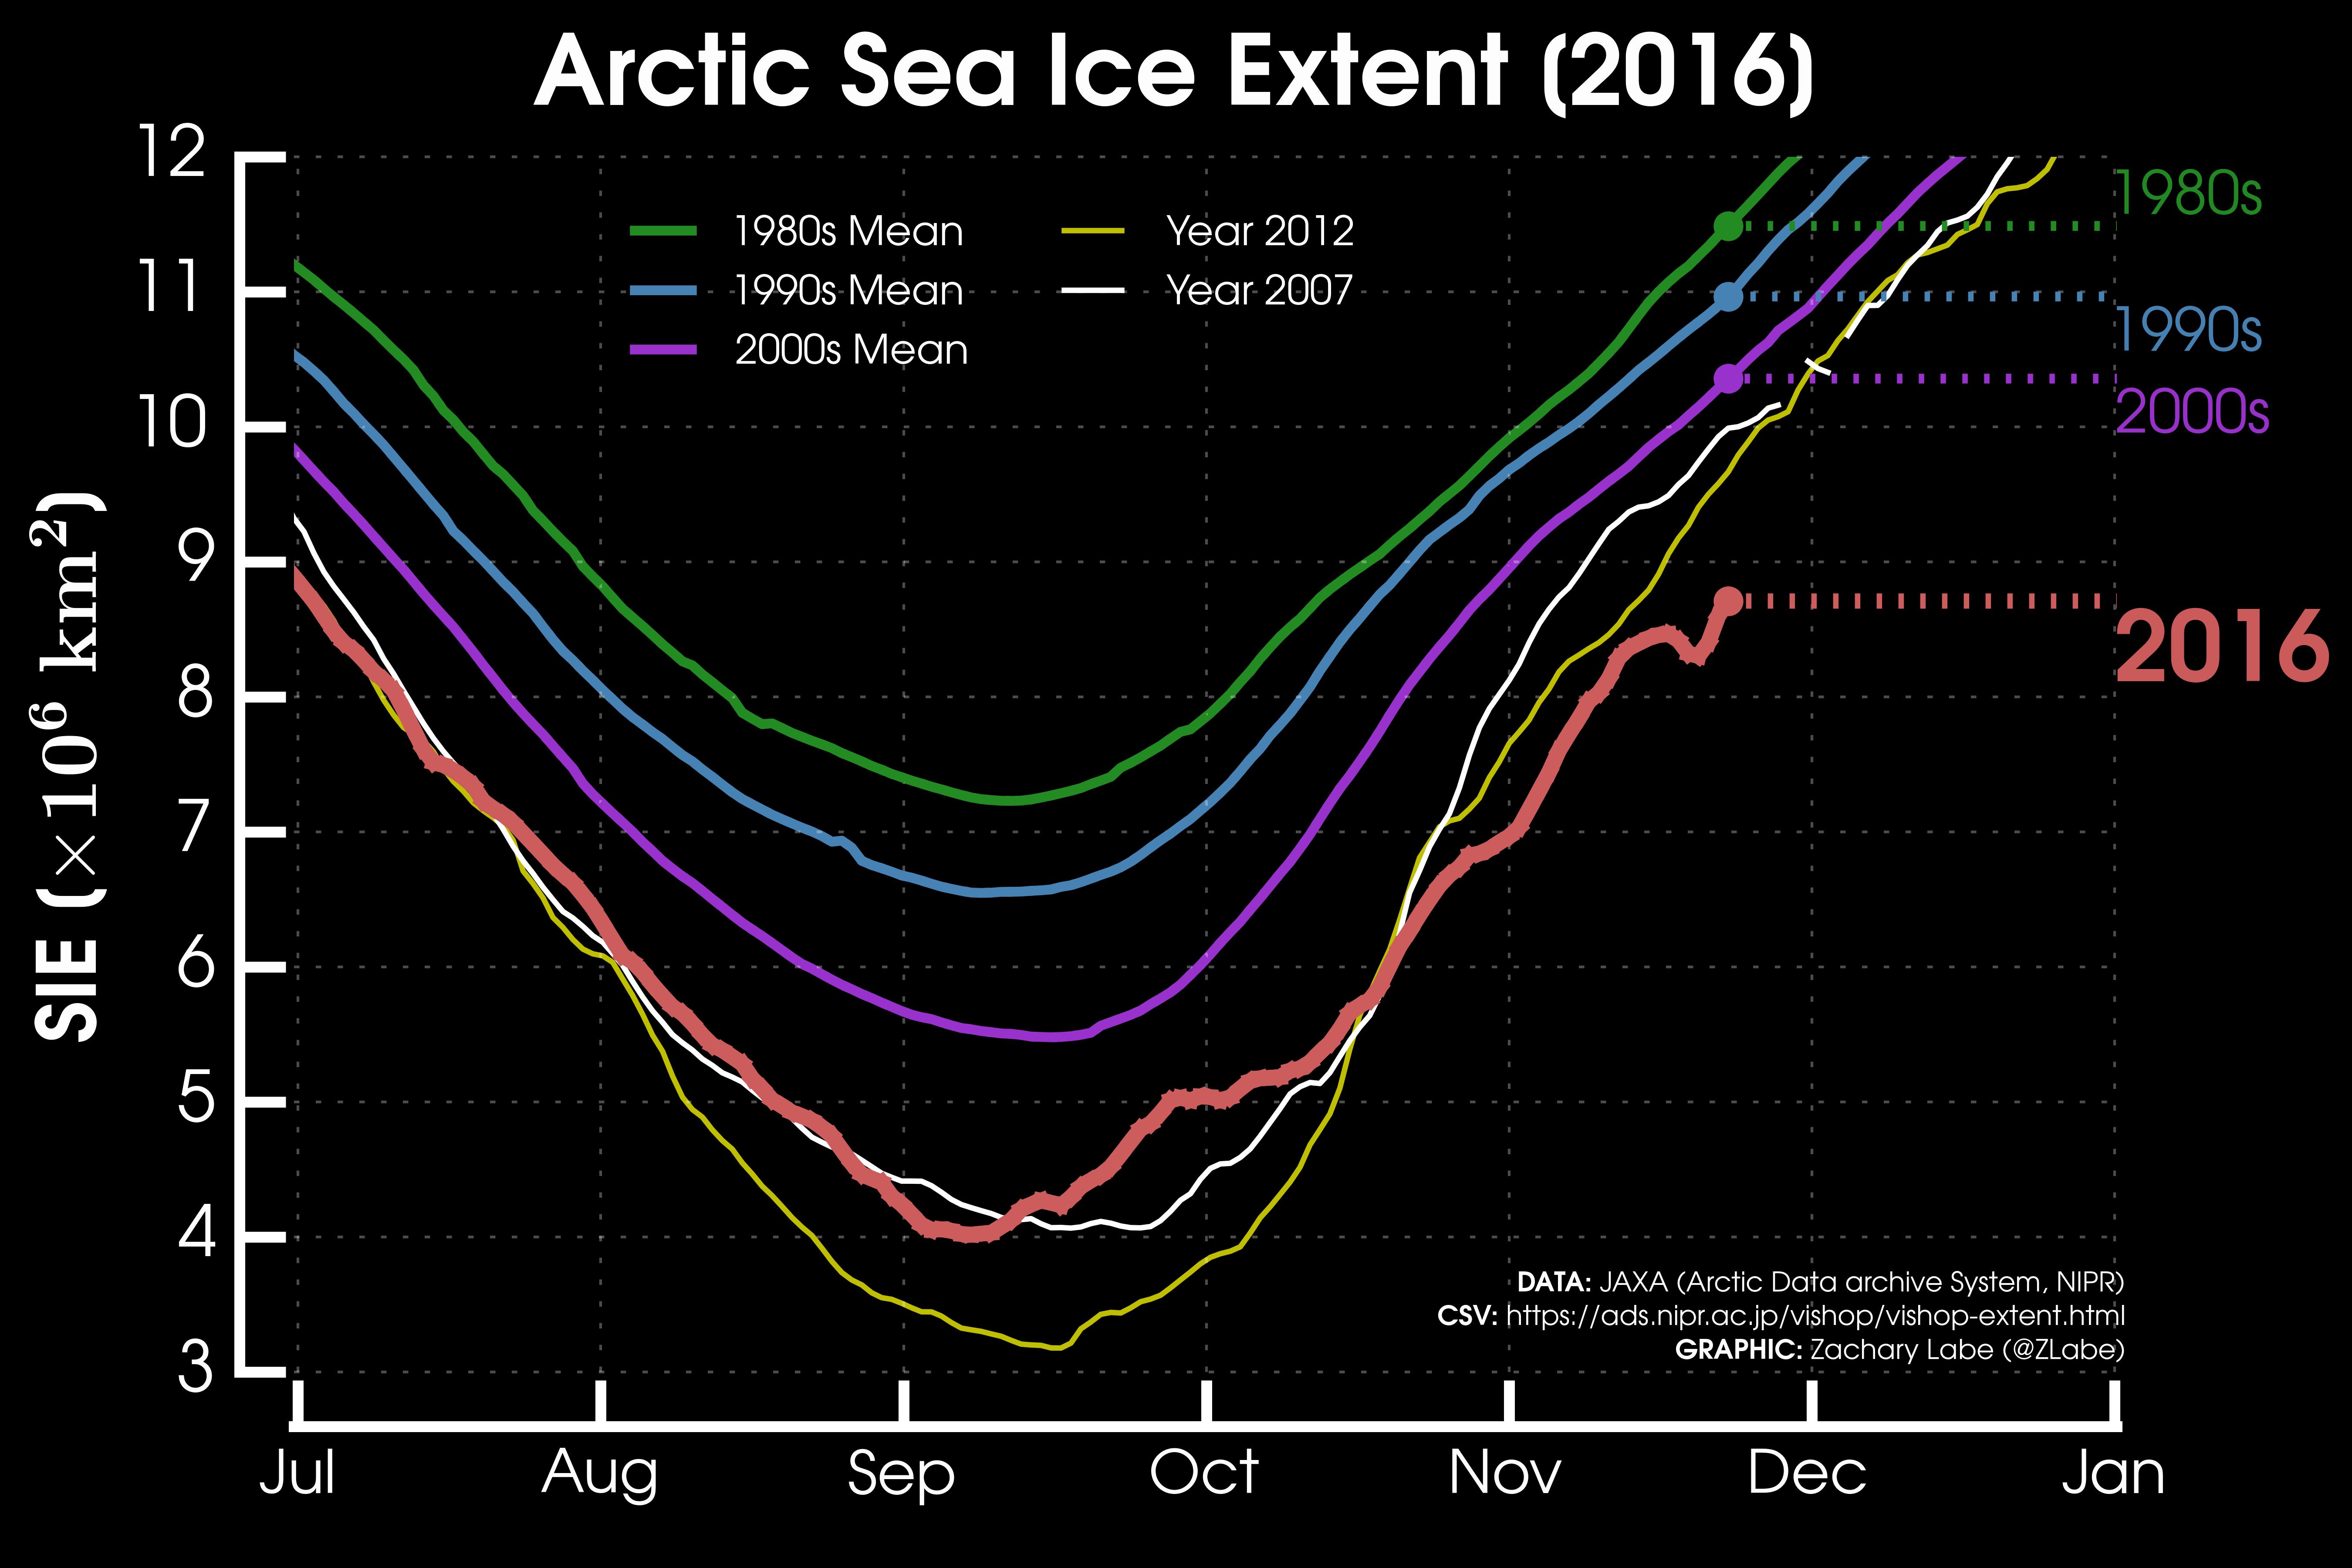 Extensão média de gelo nos anos 80, 90 e 2000